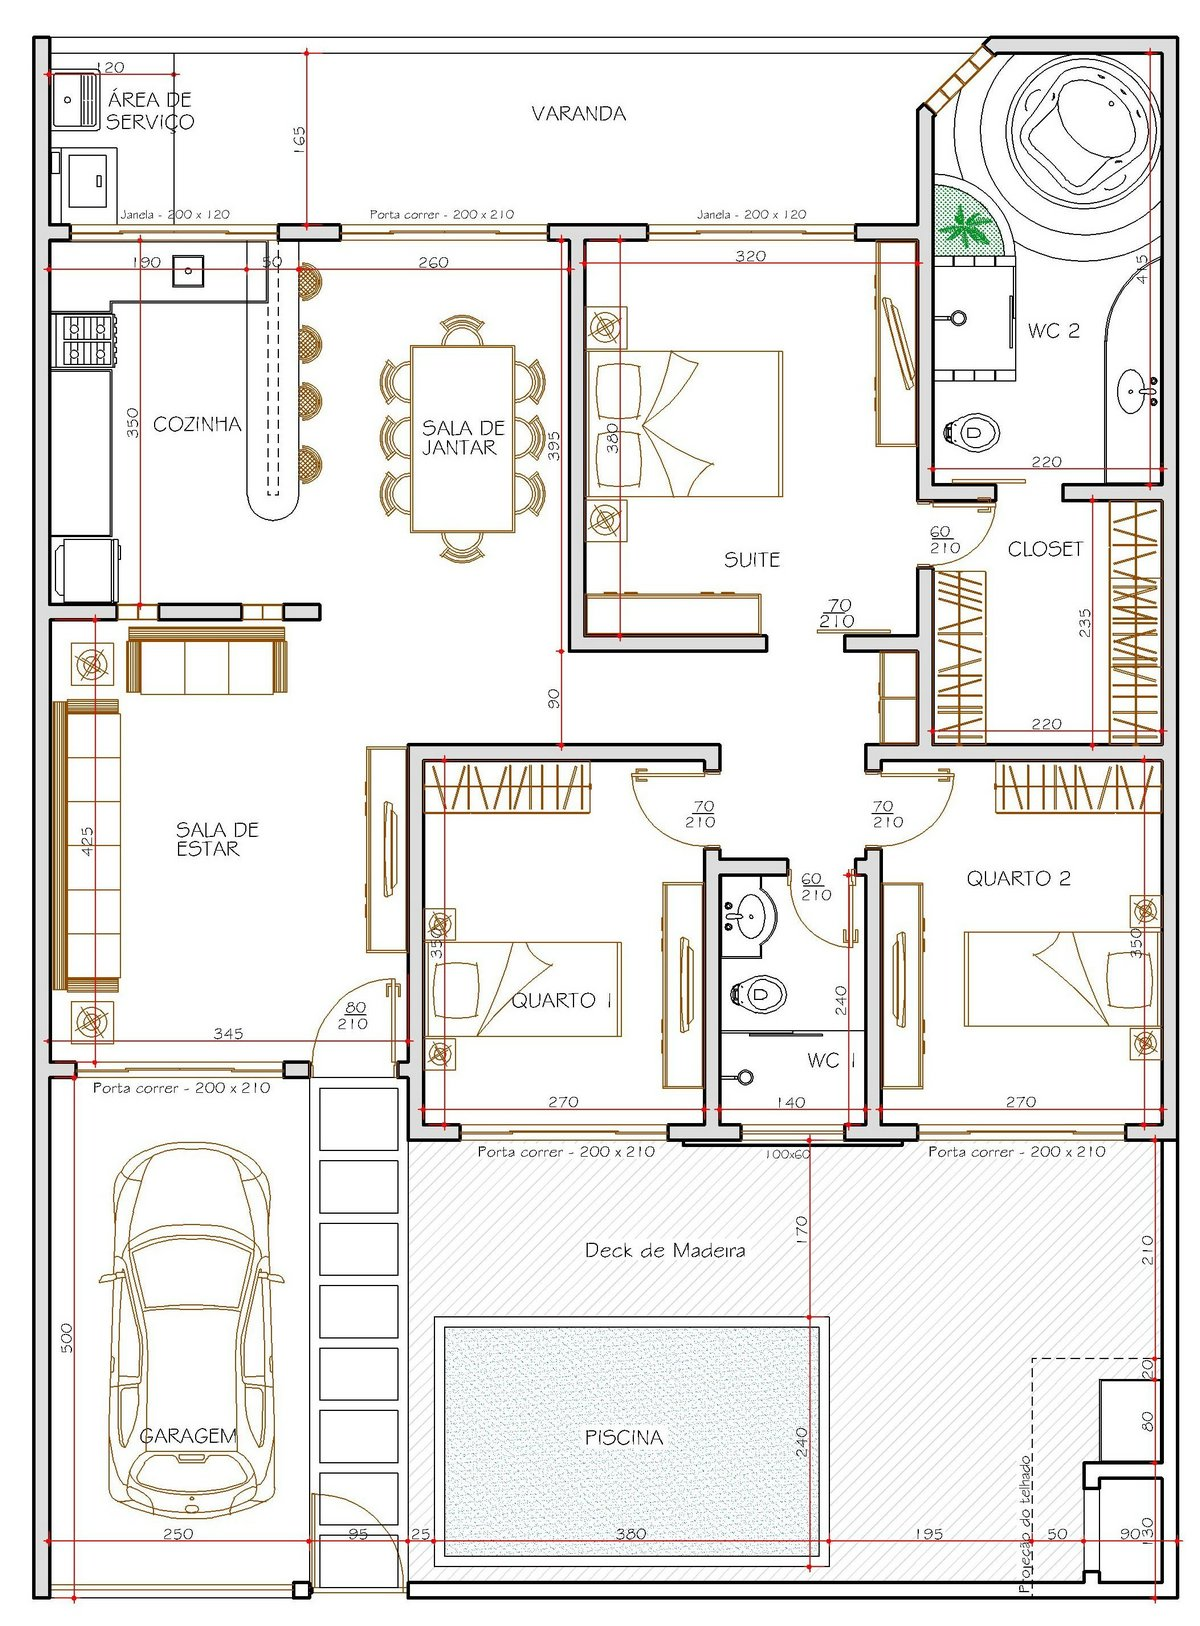 Plantas de casas térreas com 3 quartos Decorando Casas #933938 1200 1626